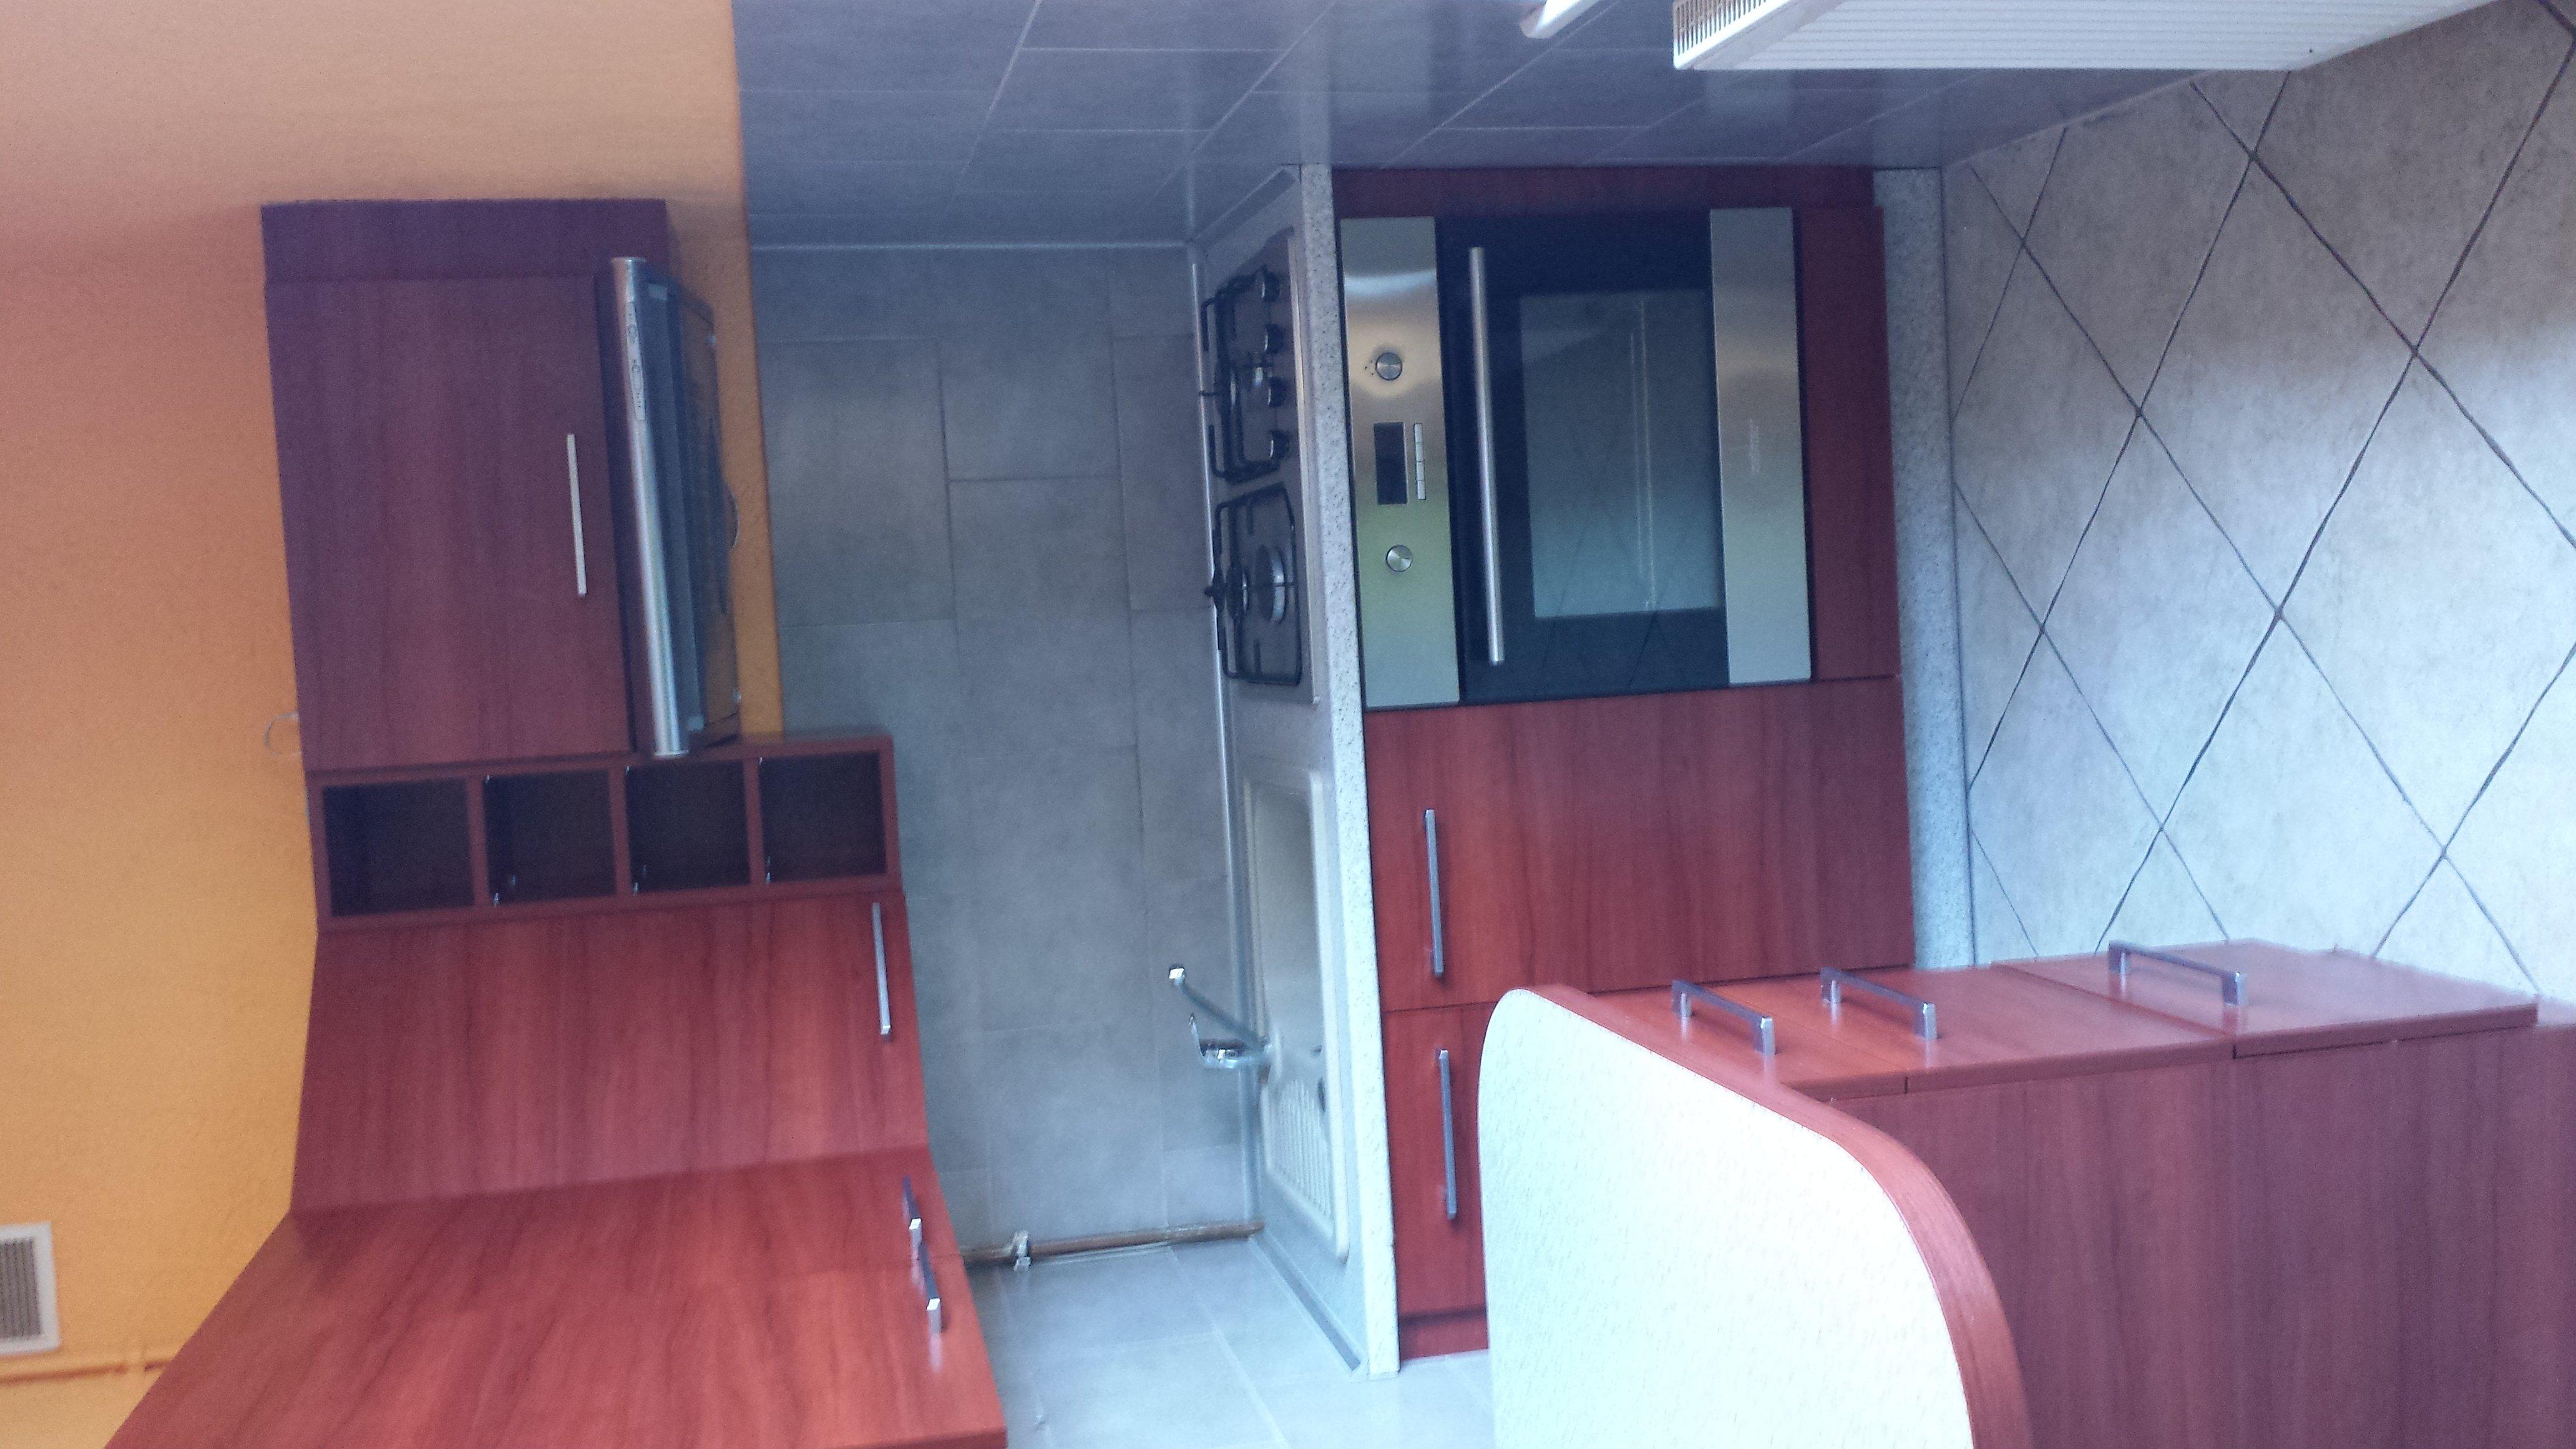 Mieszkanie do wynajęcia  1000 zł